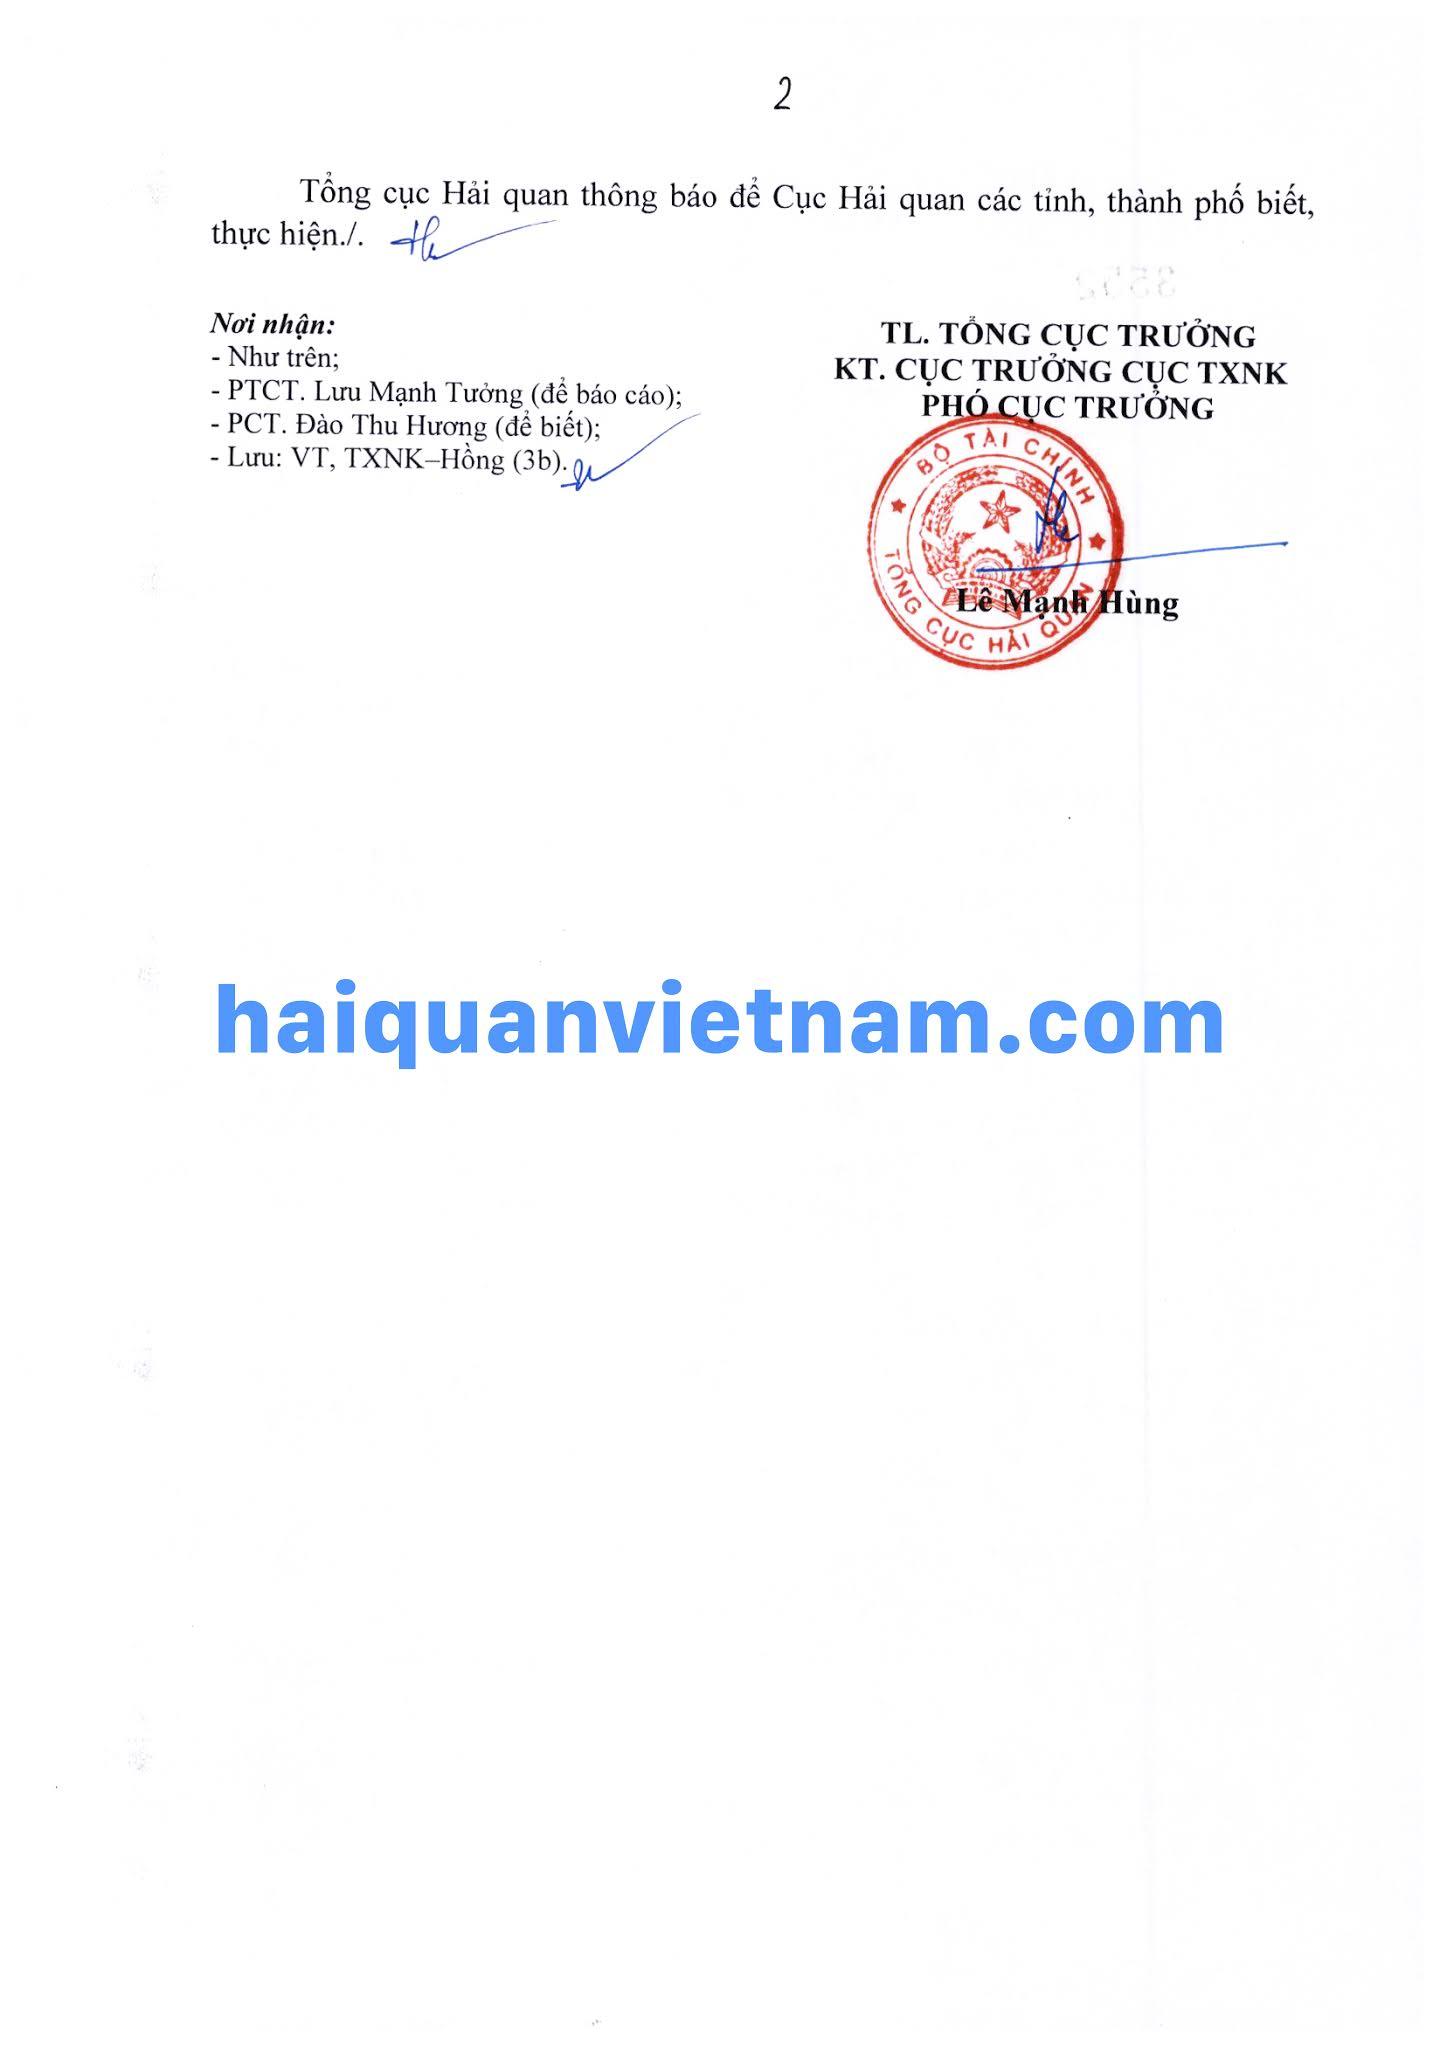 [Image: 210714%2B-%2B3552-TCHQ-TXNK_haiquanvietnam_02.jpg]